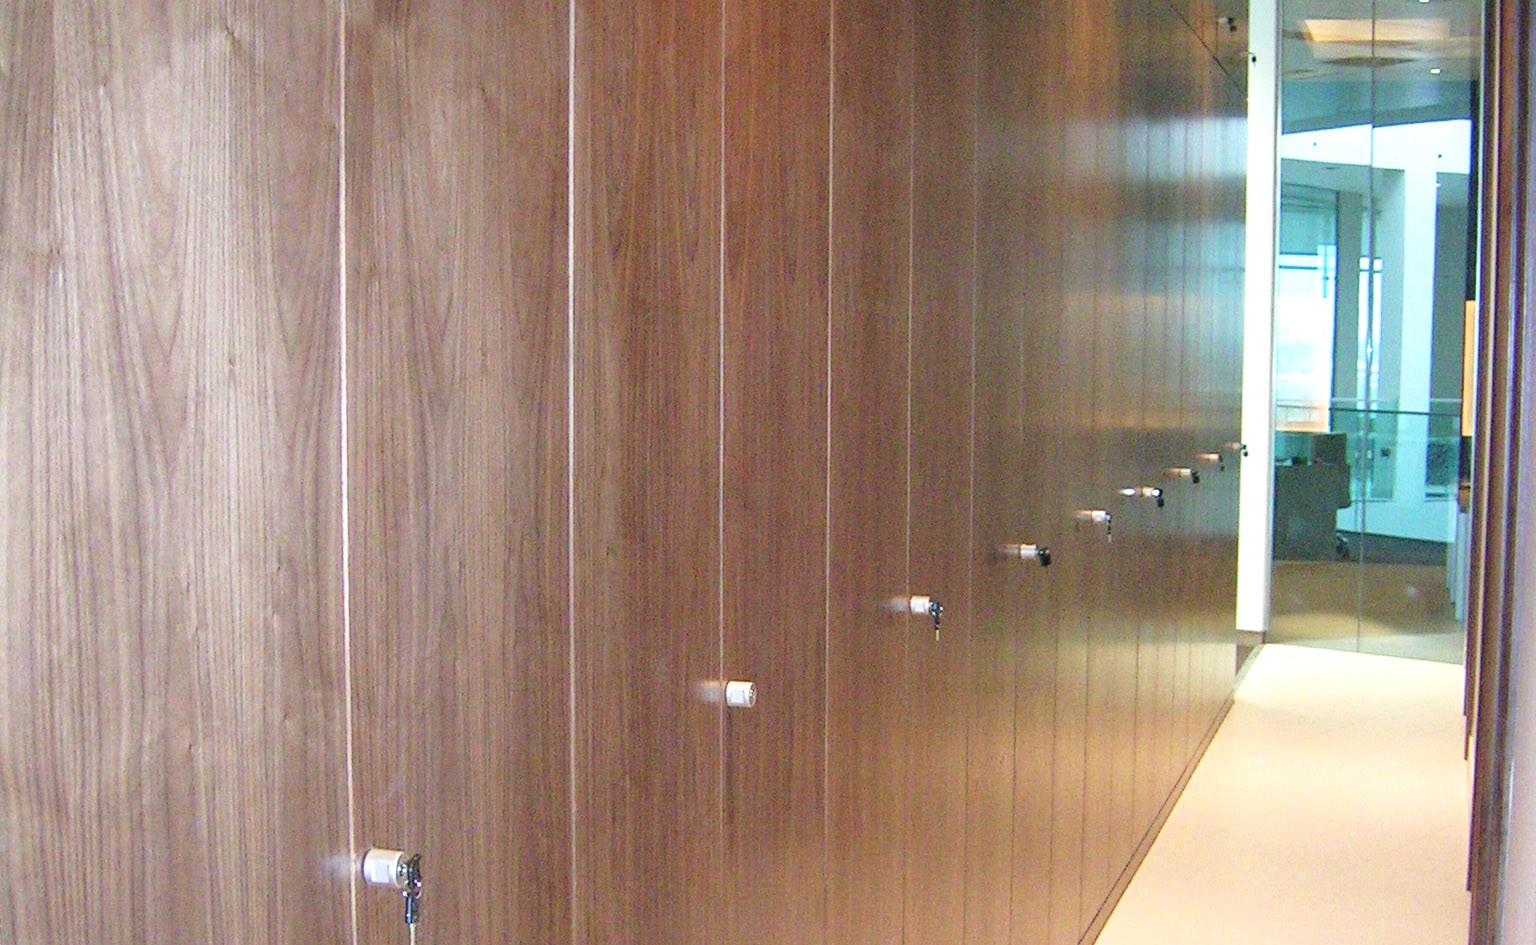 tallwall storagewall full height walnut finish